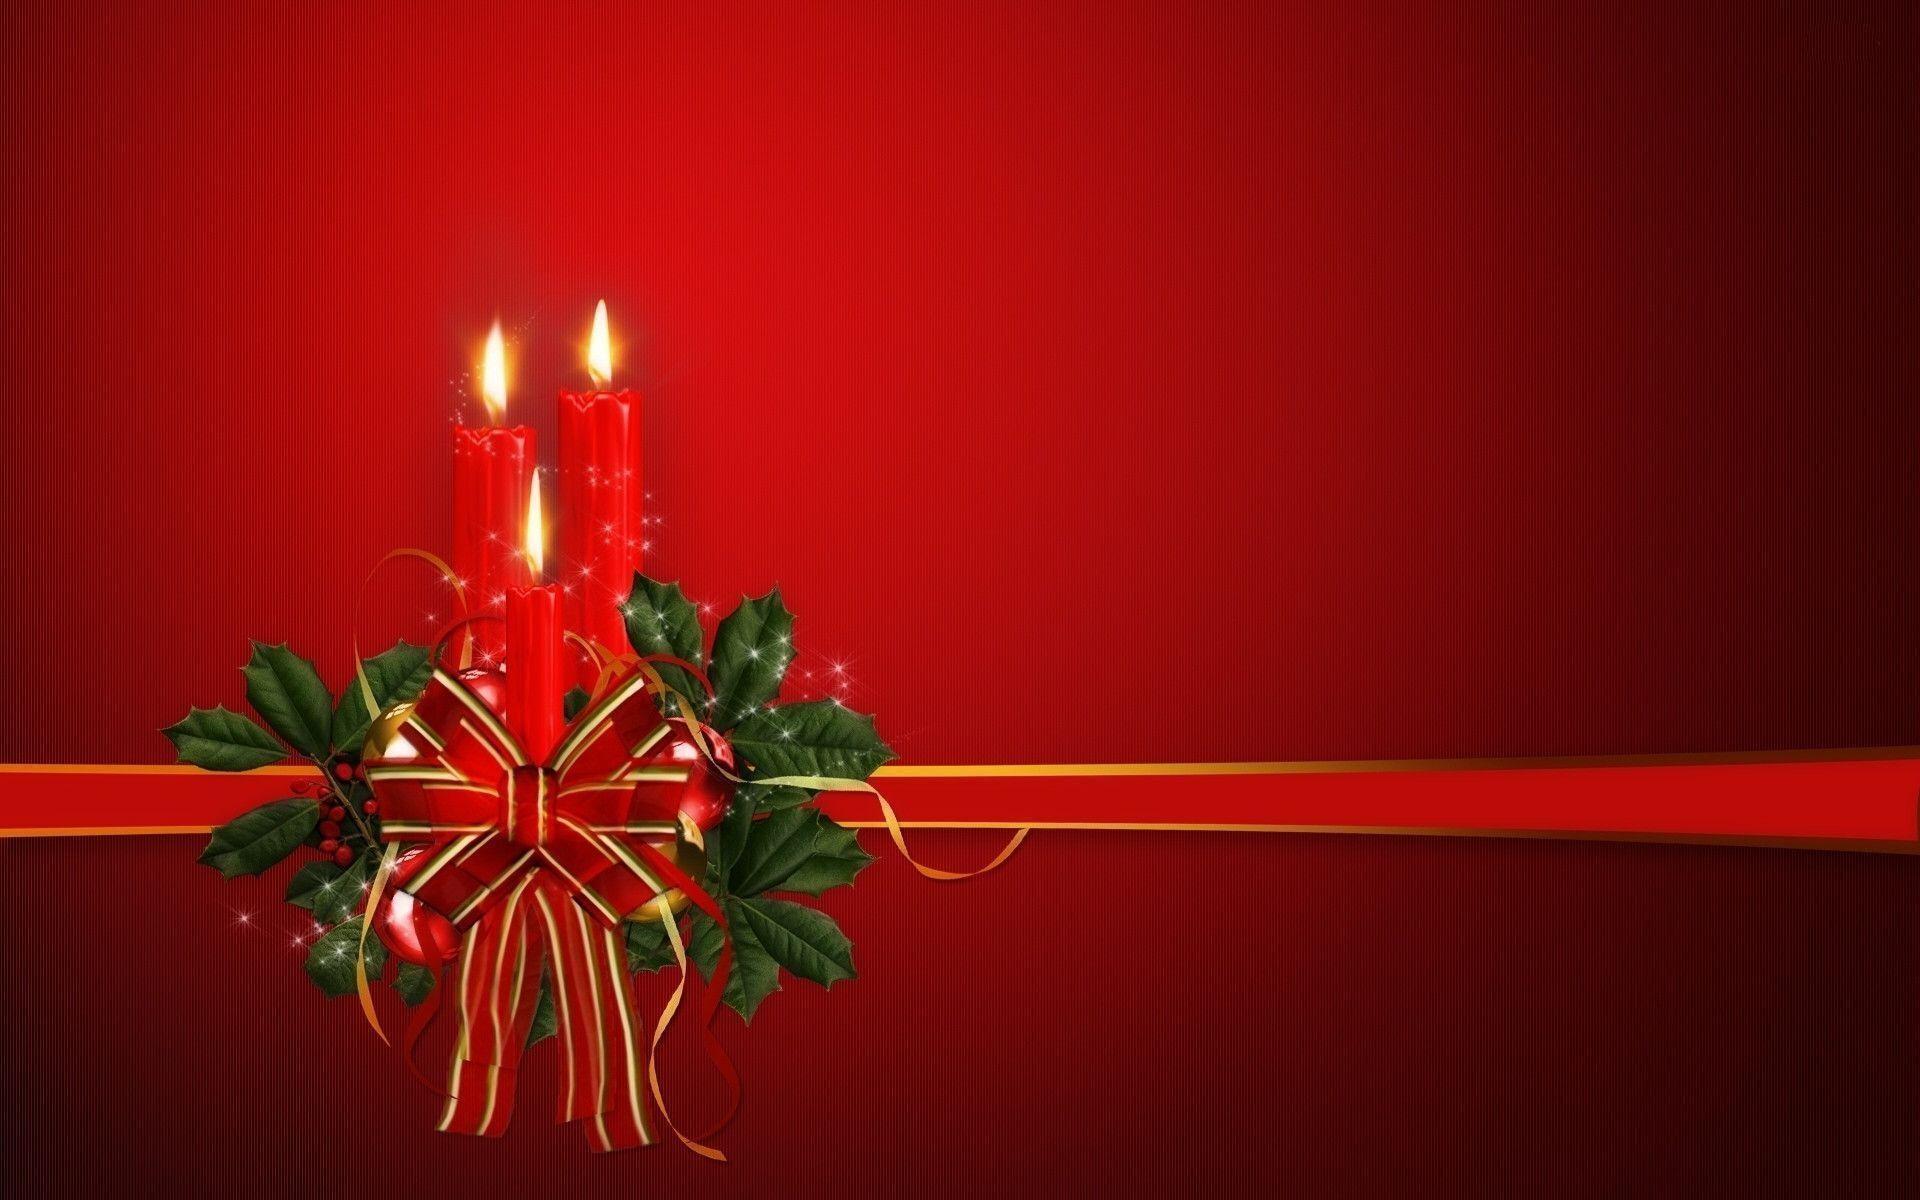 Merry Christmas Wallpaper Hd 1080p Desktop #2801 Wallpaper .